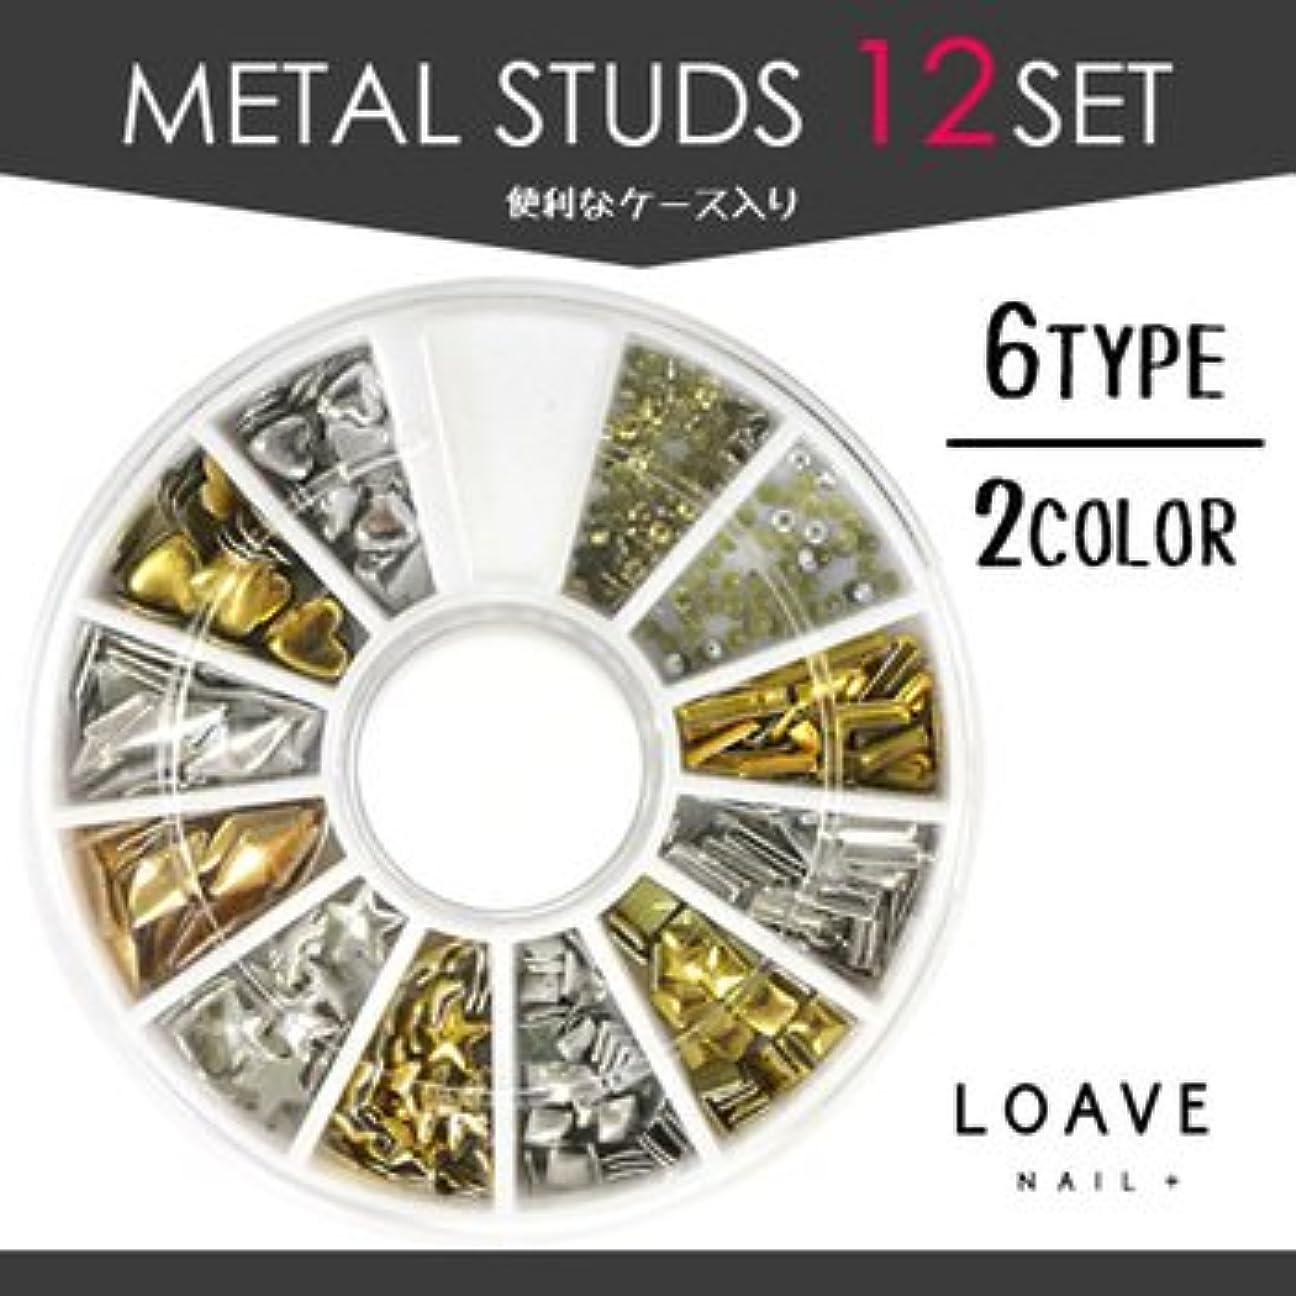 布スクリーチ不均一メタルスタッズ12種セット(便利なケース入り) LOAVENAIL+